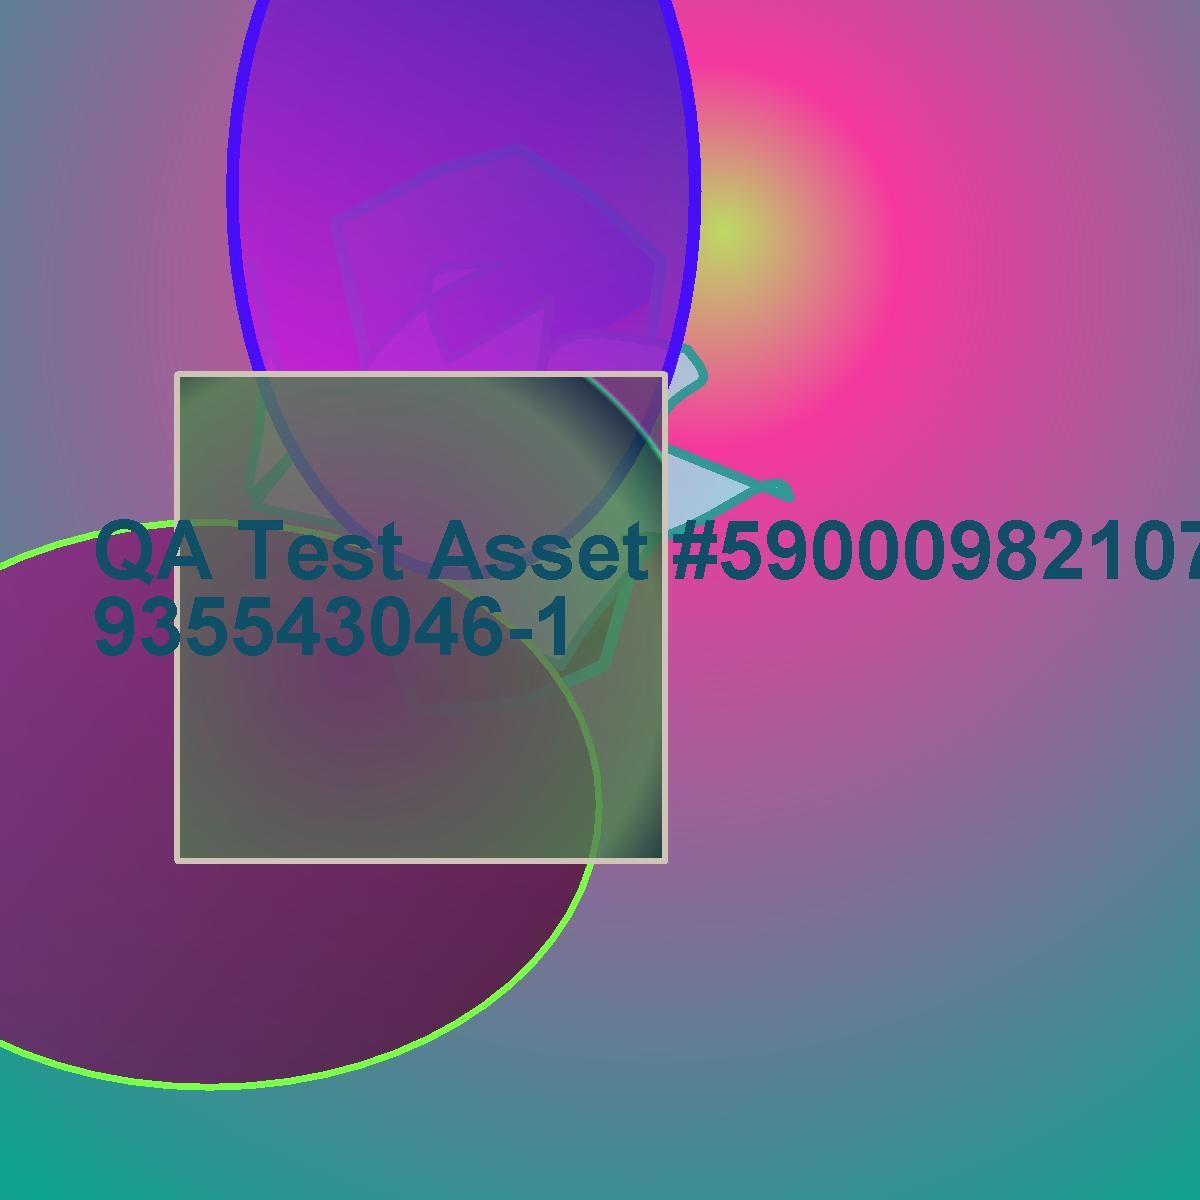 qathumb4360266844503071833.jpg